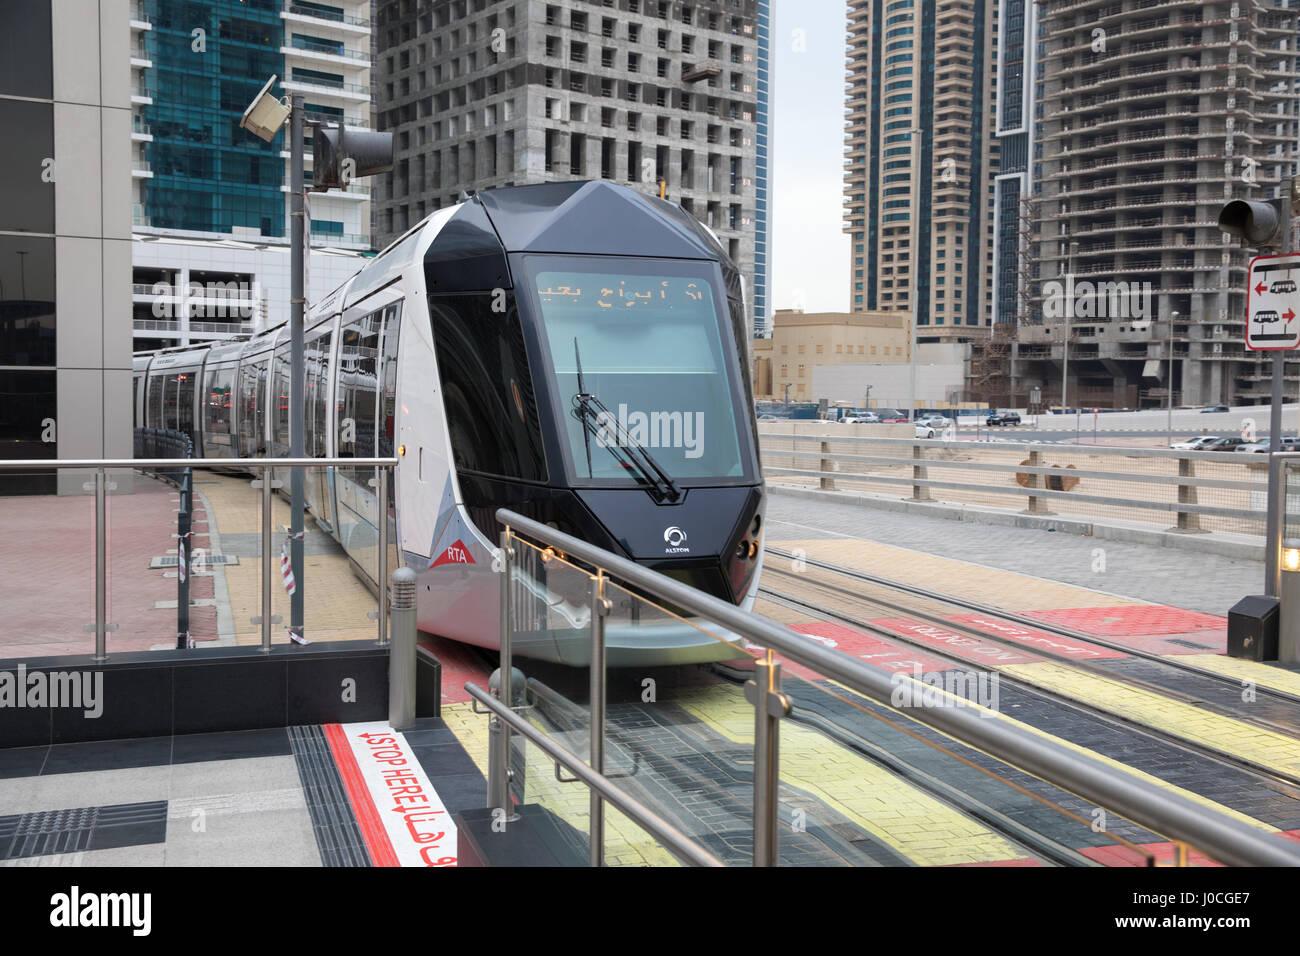 Le système de transport de tramway qui fonctionne à Dubaï Photo Stock